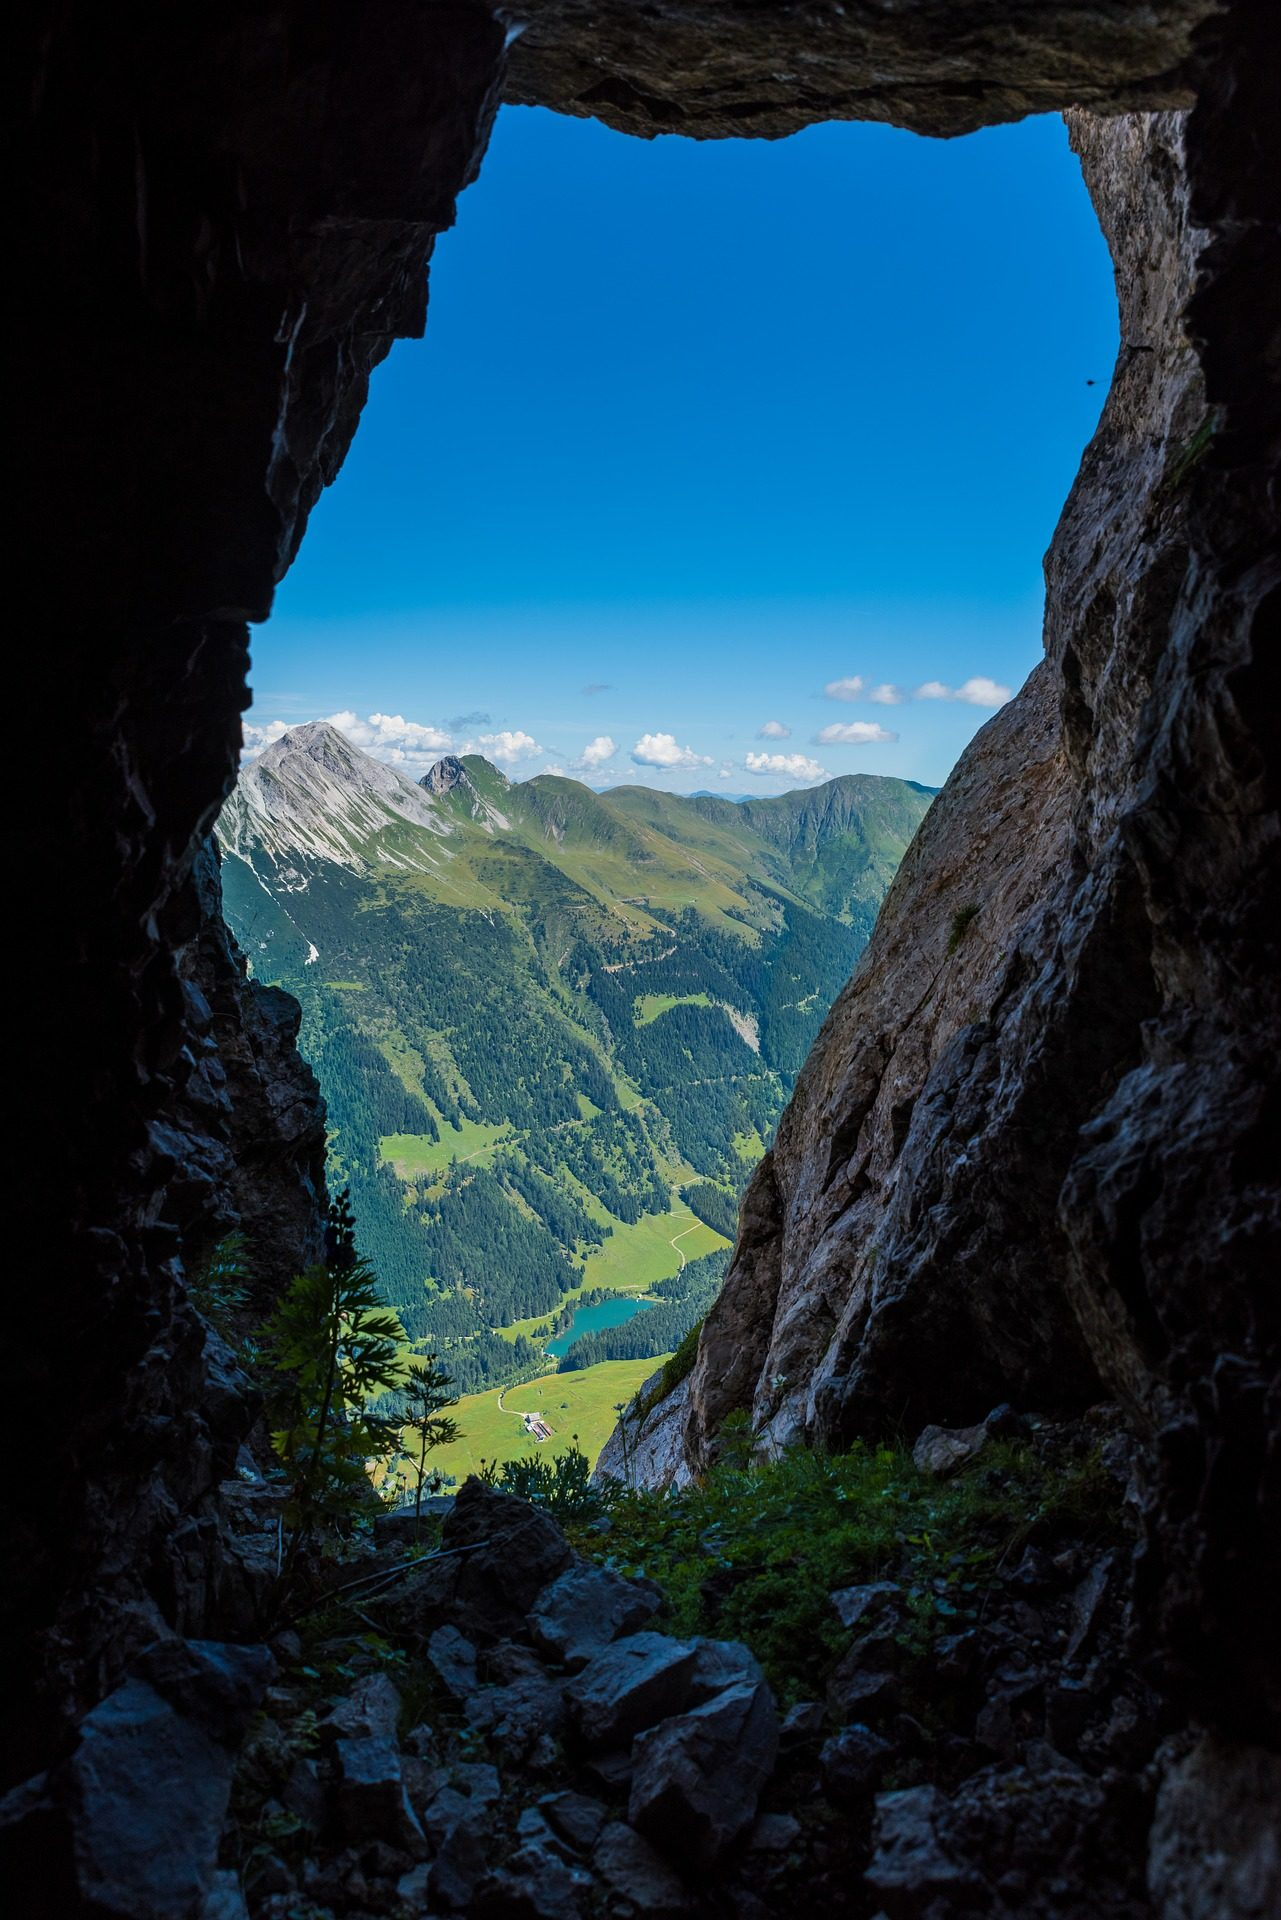 Cueva, Montañas, Höhe, Alpen, Klettern - Wallpaper HD - Prof.-falken.com